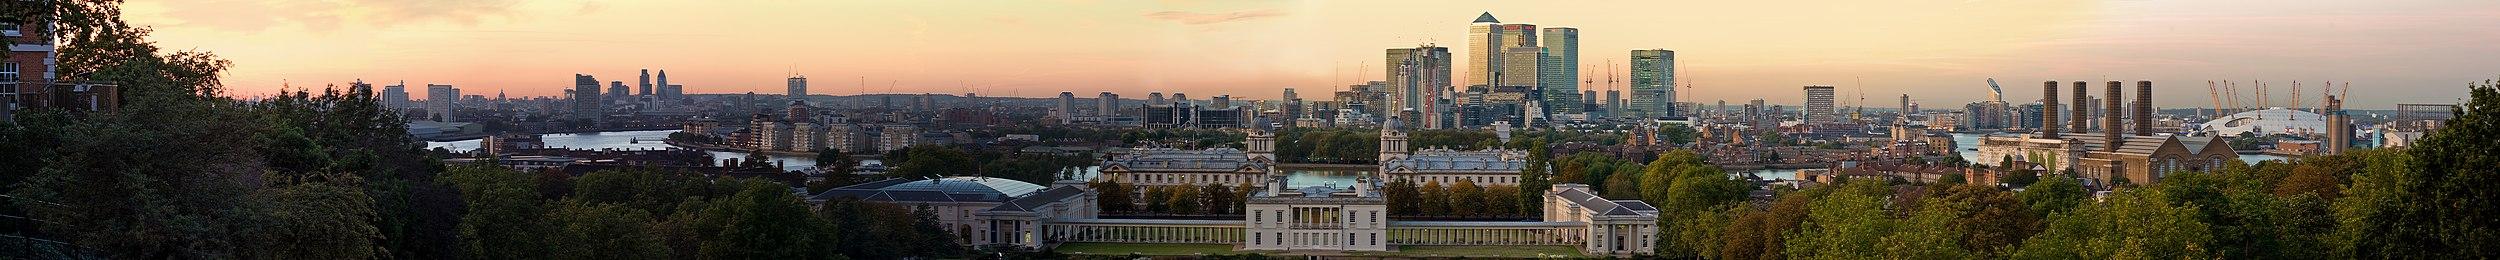 La veduta dal Parco di Greenwich, con la Queen's House e le ali del National Maritime Museum in primo piano